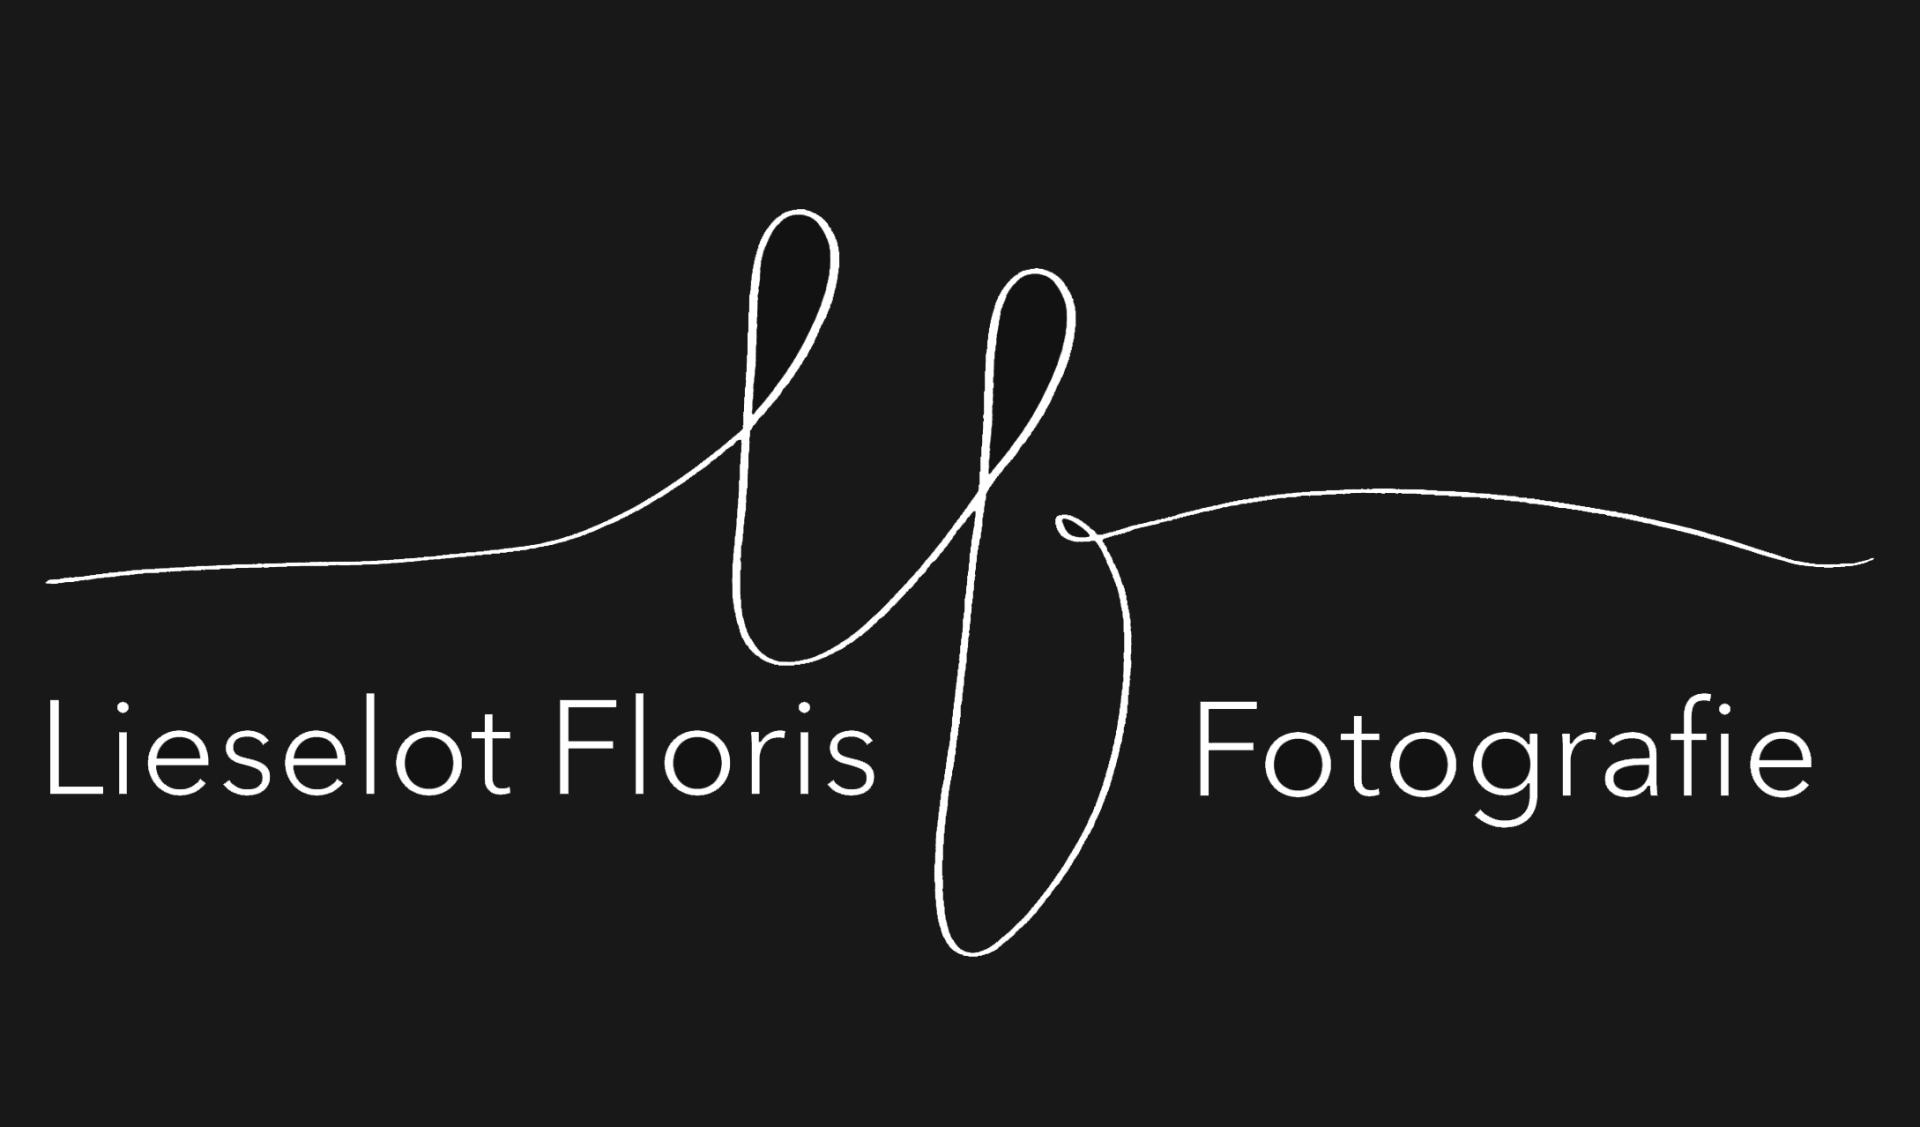 Lieselot Floris Fotografie